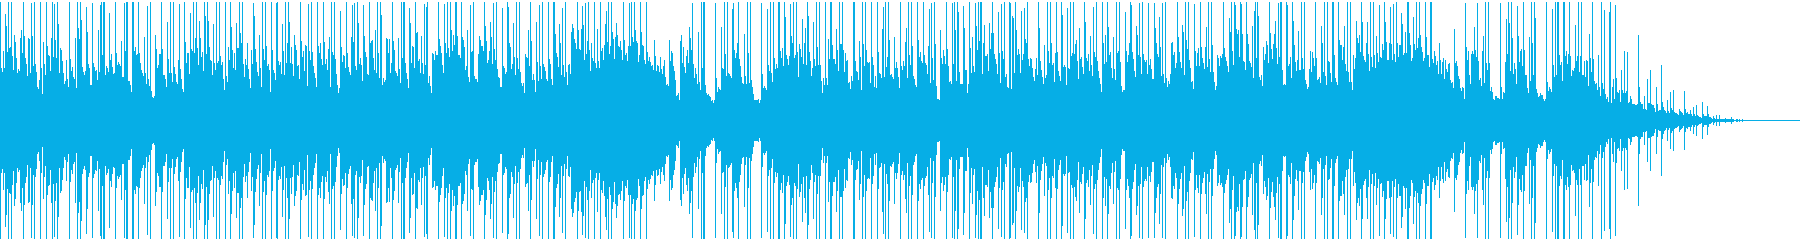 しっとりとした雰囲気のBGMの再生済みの波形